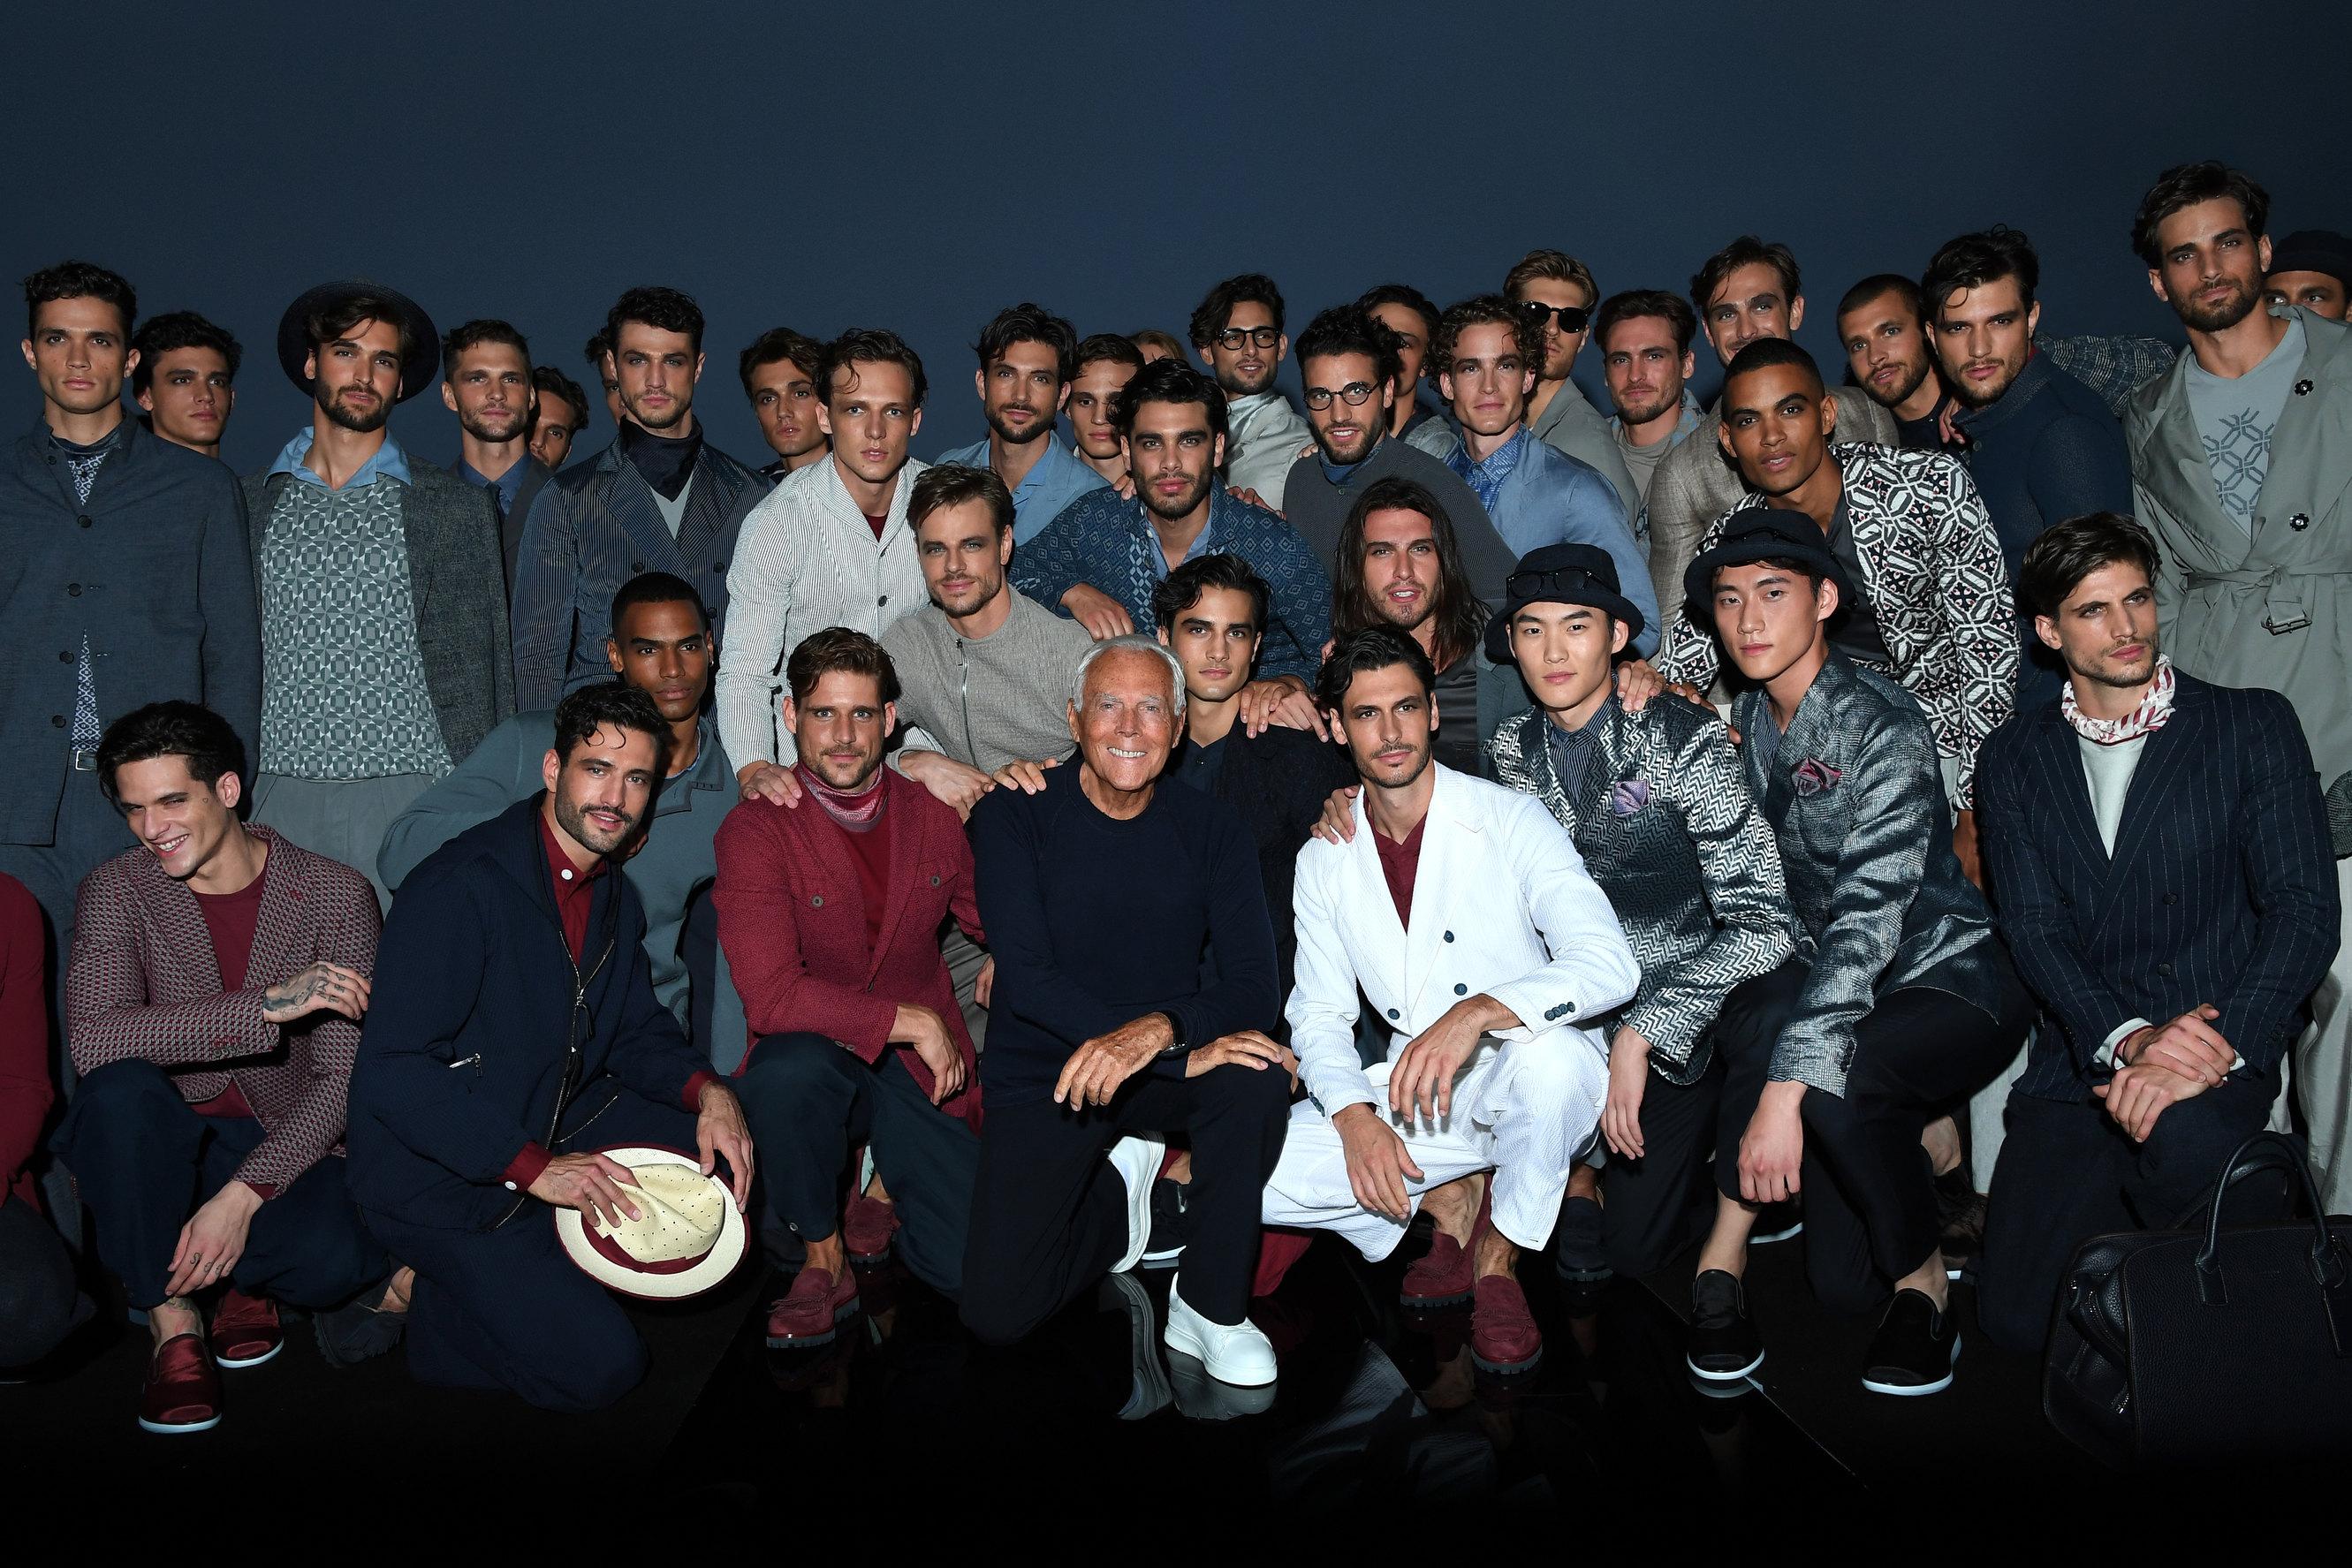 giorgio-armani-menswear-ss17_ga-with-models